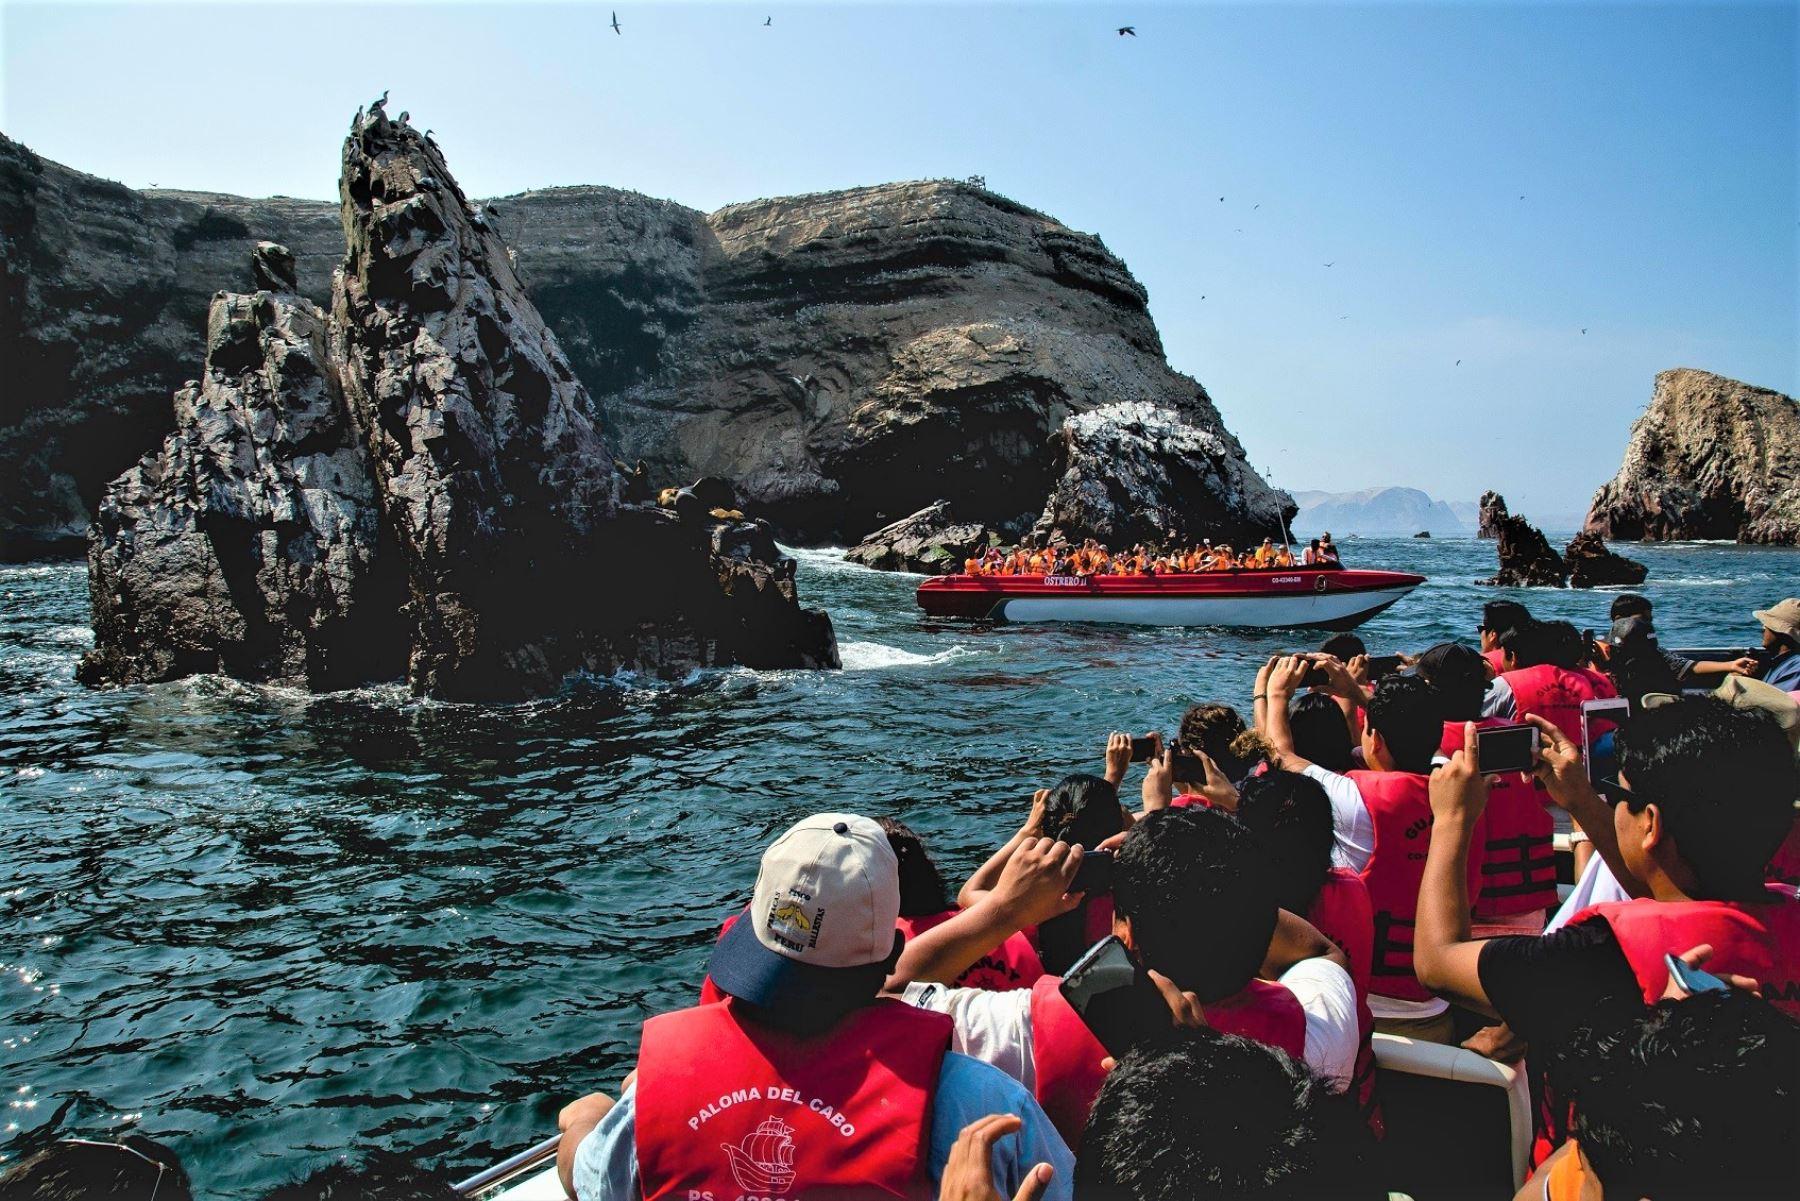 En el Perú existen 11 áreas naturales protegidas que se encuentran en la zona costera, de las cuales tres albergan ecosistemas marinos.